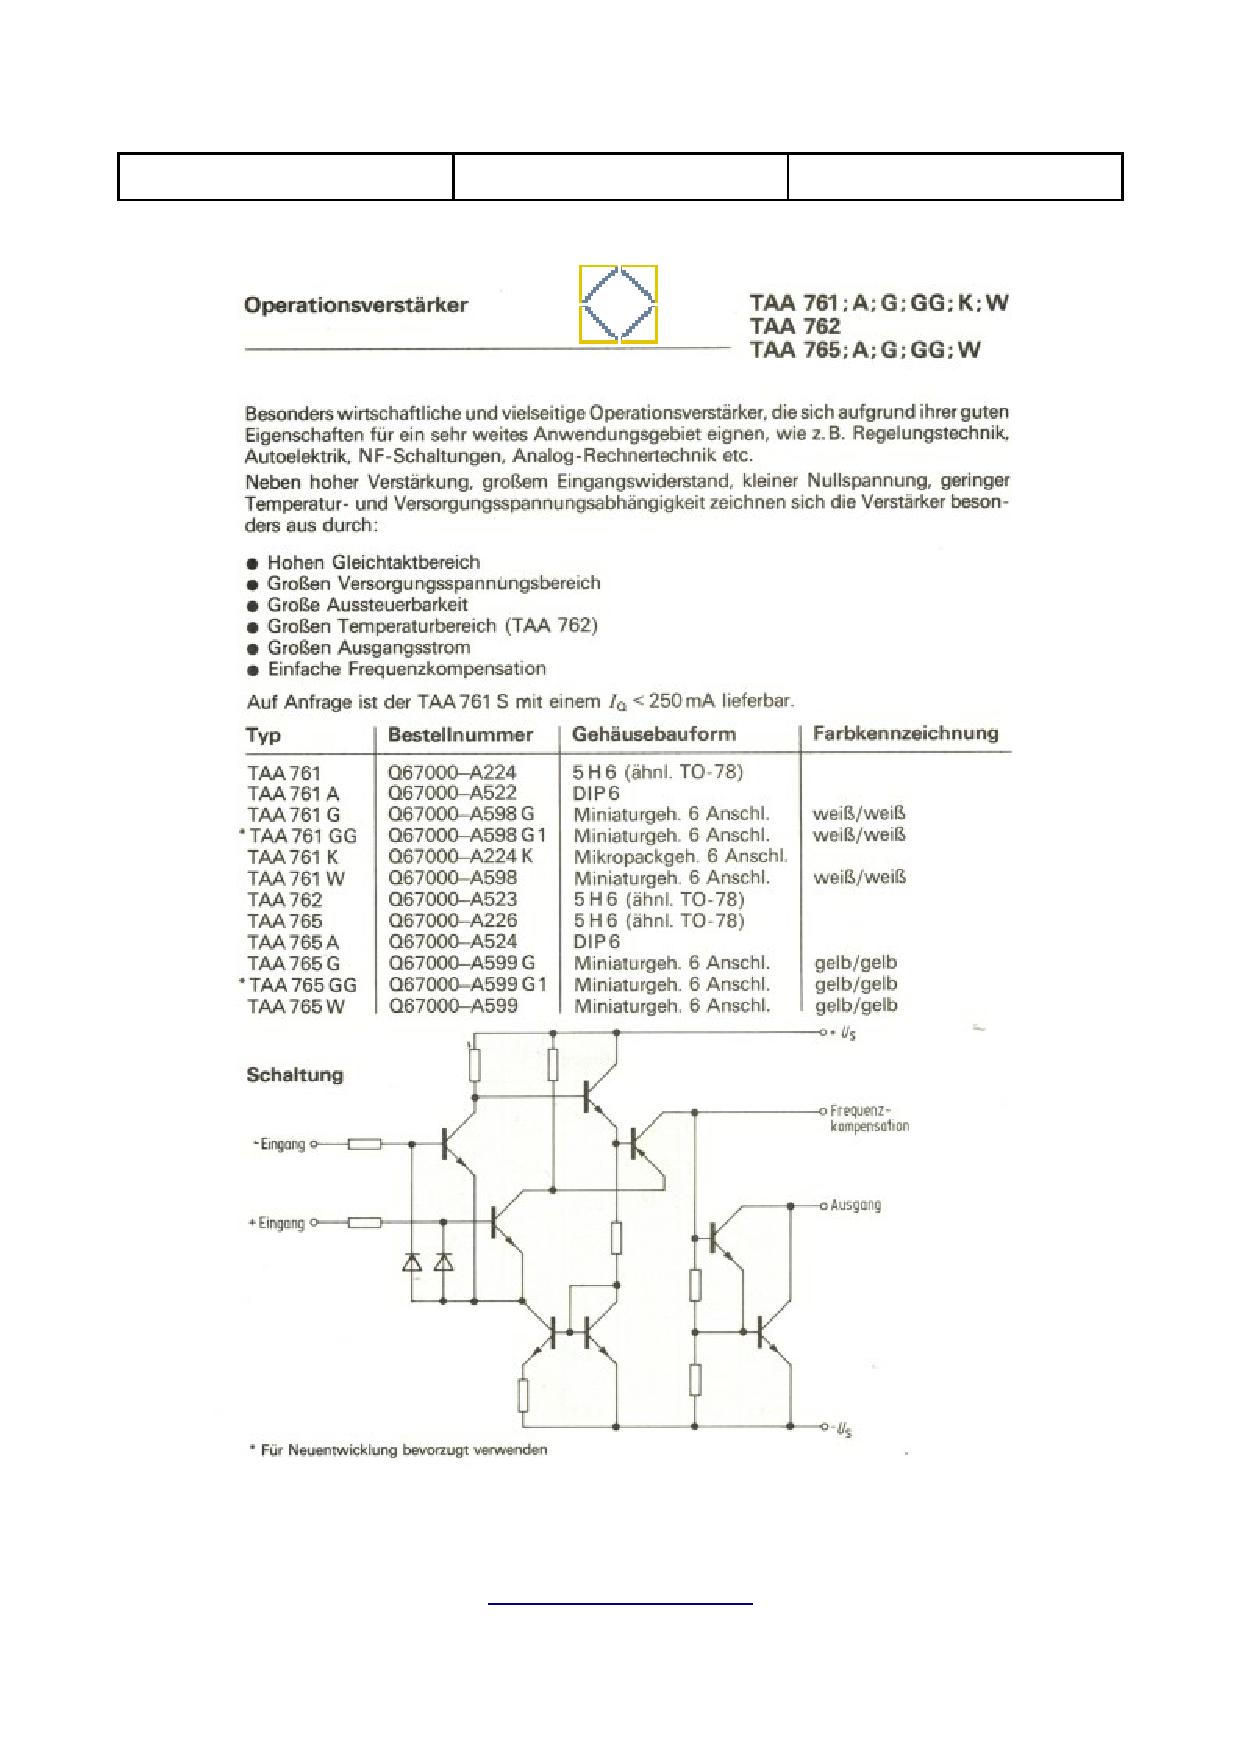 TAA761A Datenblatt PDF